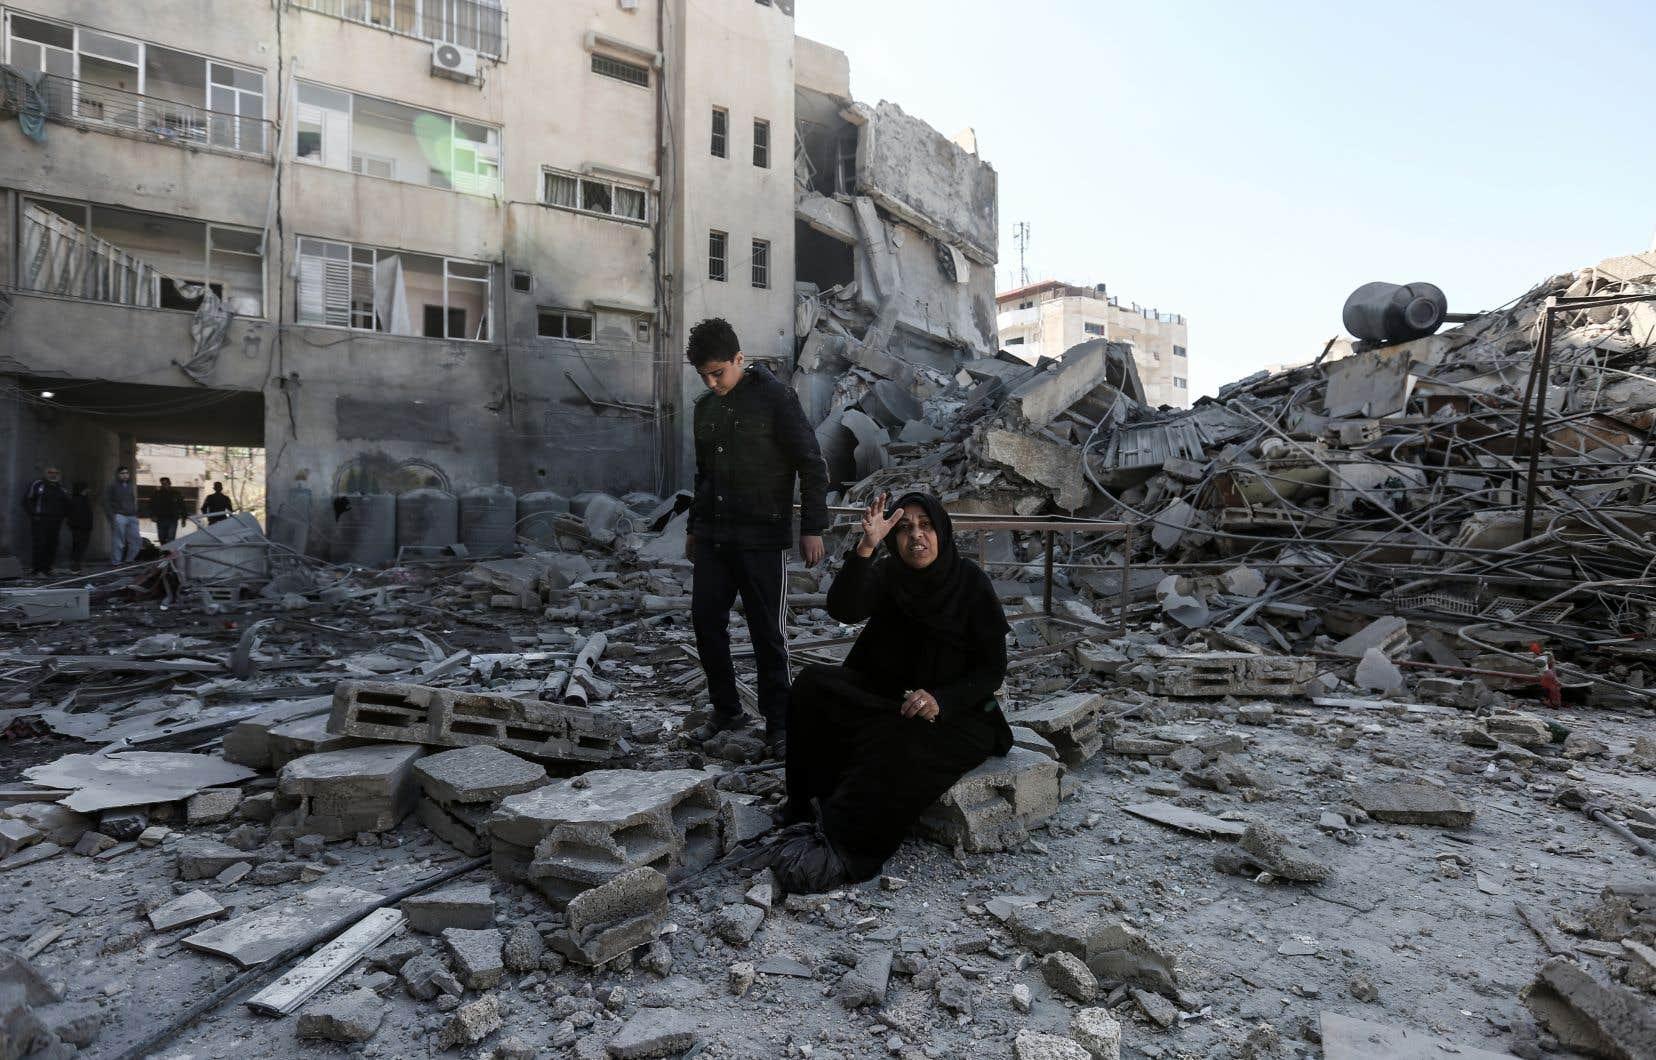 Une Palestinienne assise à côté des décombres d'un bâtiment dans la ville de Gaza.